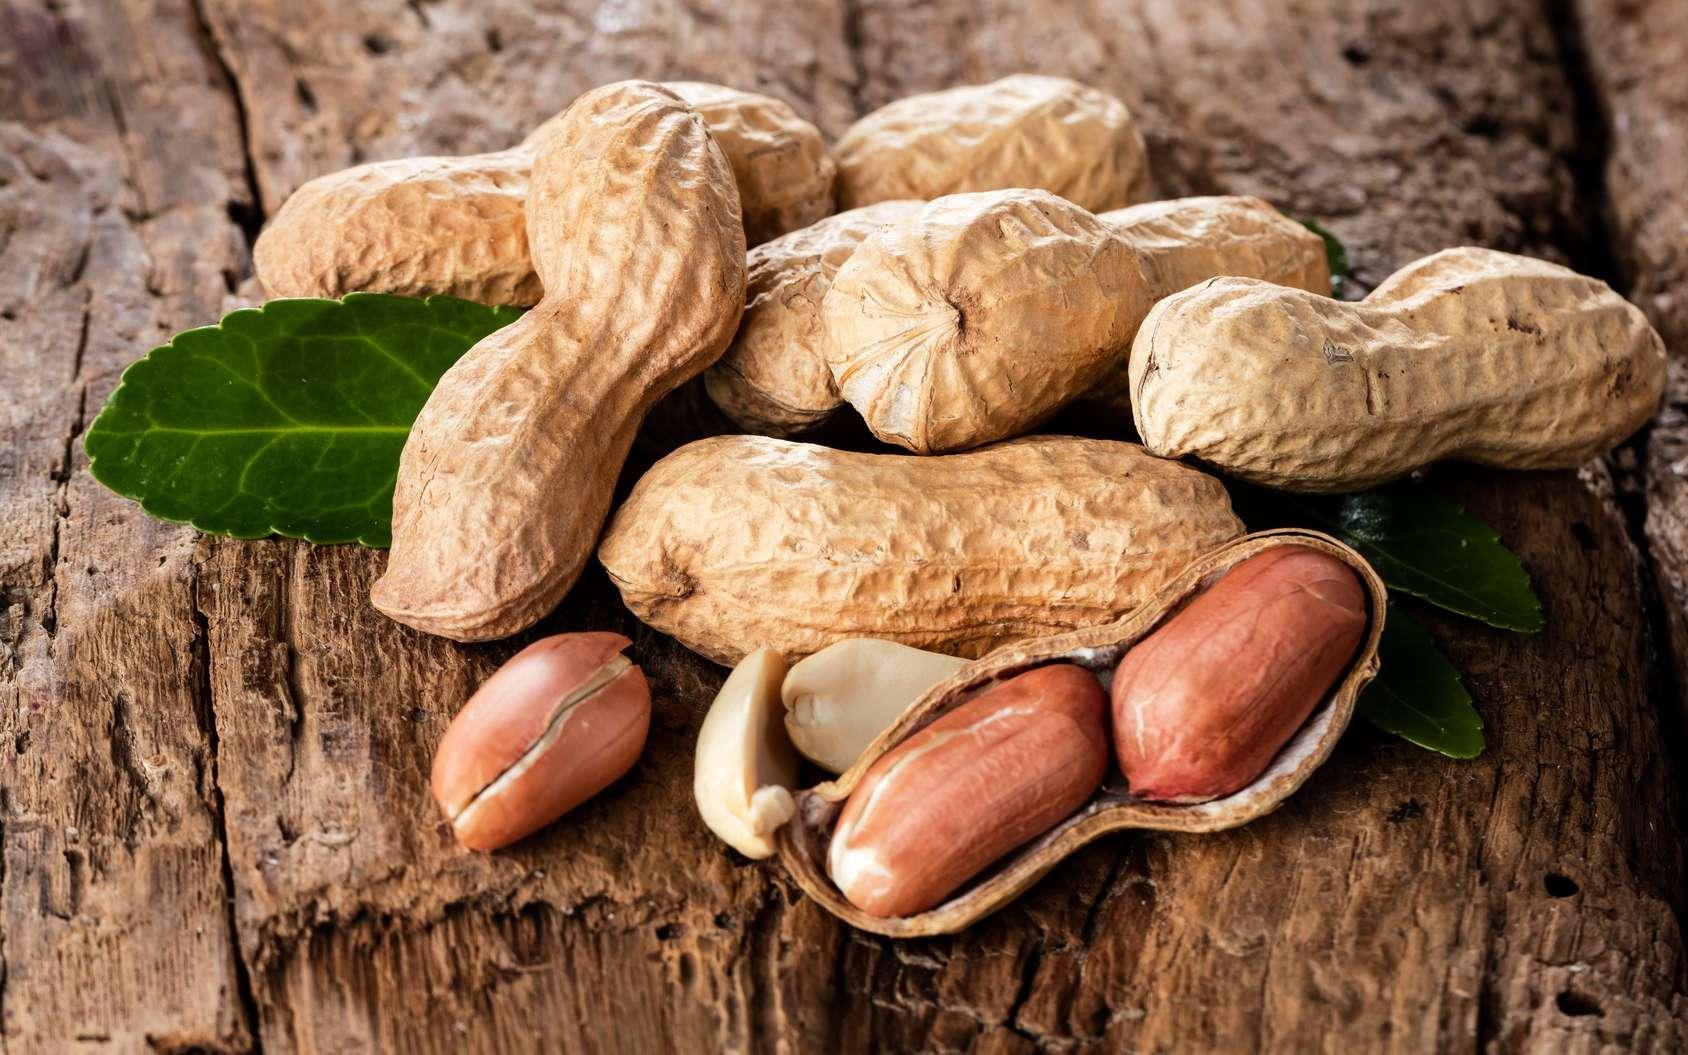 Les cacahuètes contiennent de l'arachide à l'origine d'allergies parfois mortelles. Pour l'heure, il n'existe pas de traitement. Mais d'ici à quelques années, une solution sous forme de patch arrivera peut-être en pharmacie... © karepa, Fotolia